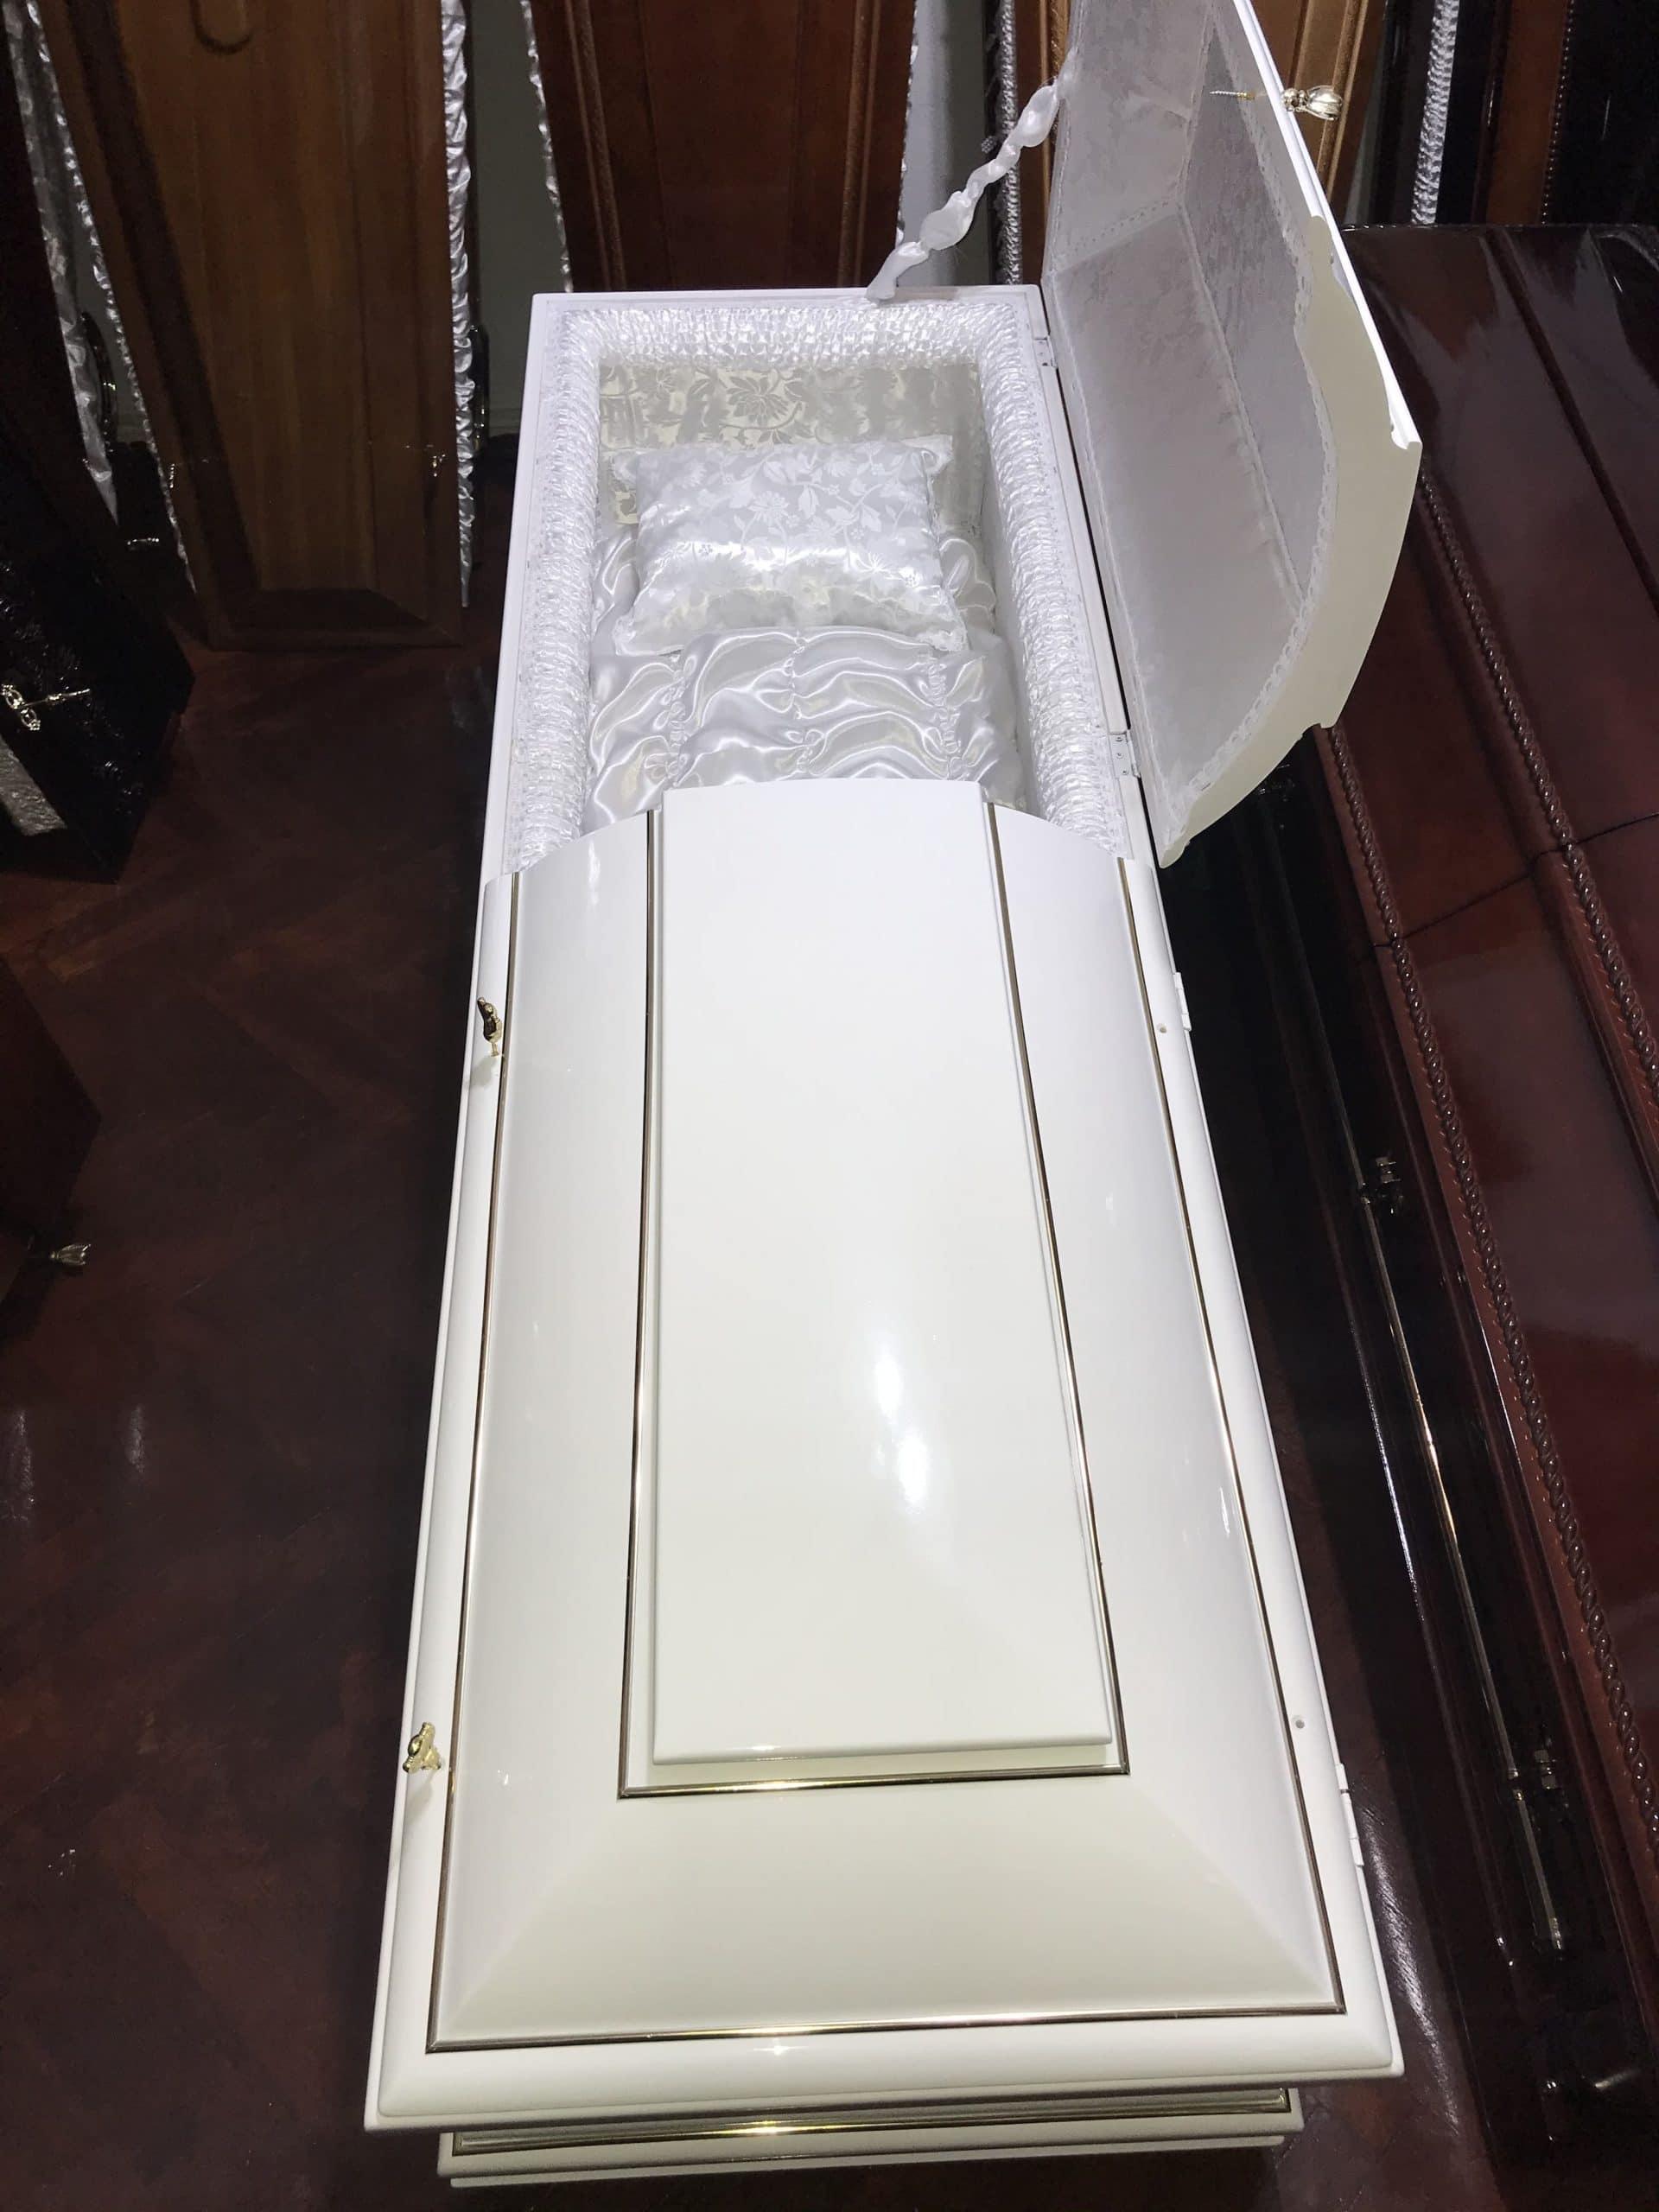 sicriu-boston-alb-sicriu-in-doua-capace-servicii-funerare-apusul-oradea-pompe-funebre-non-stop